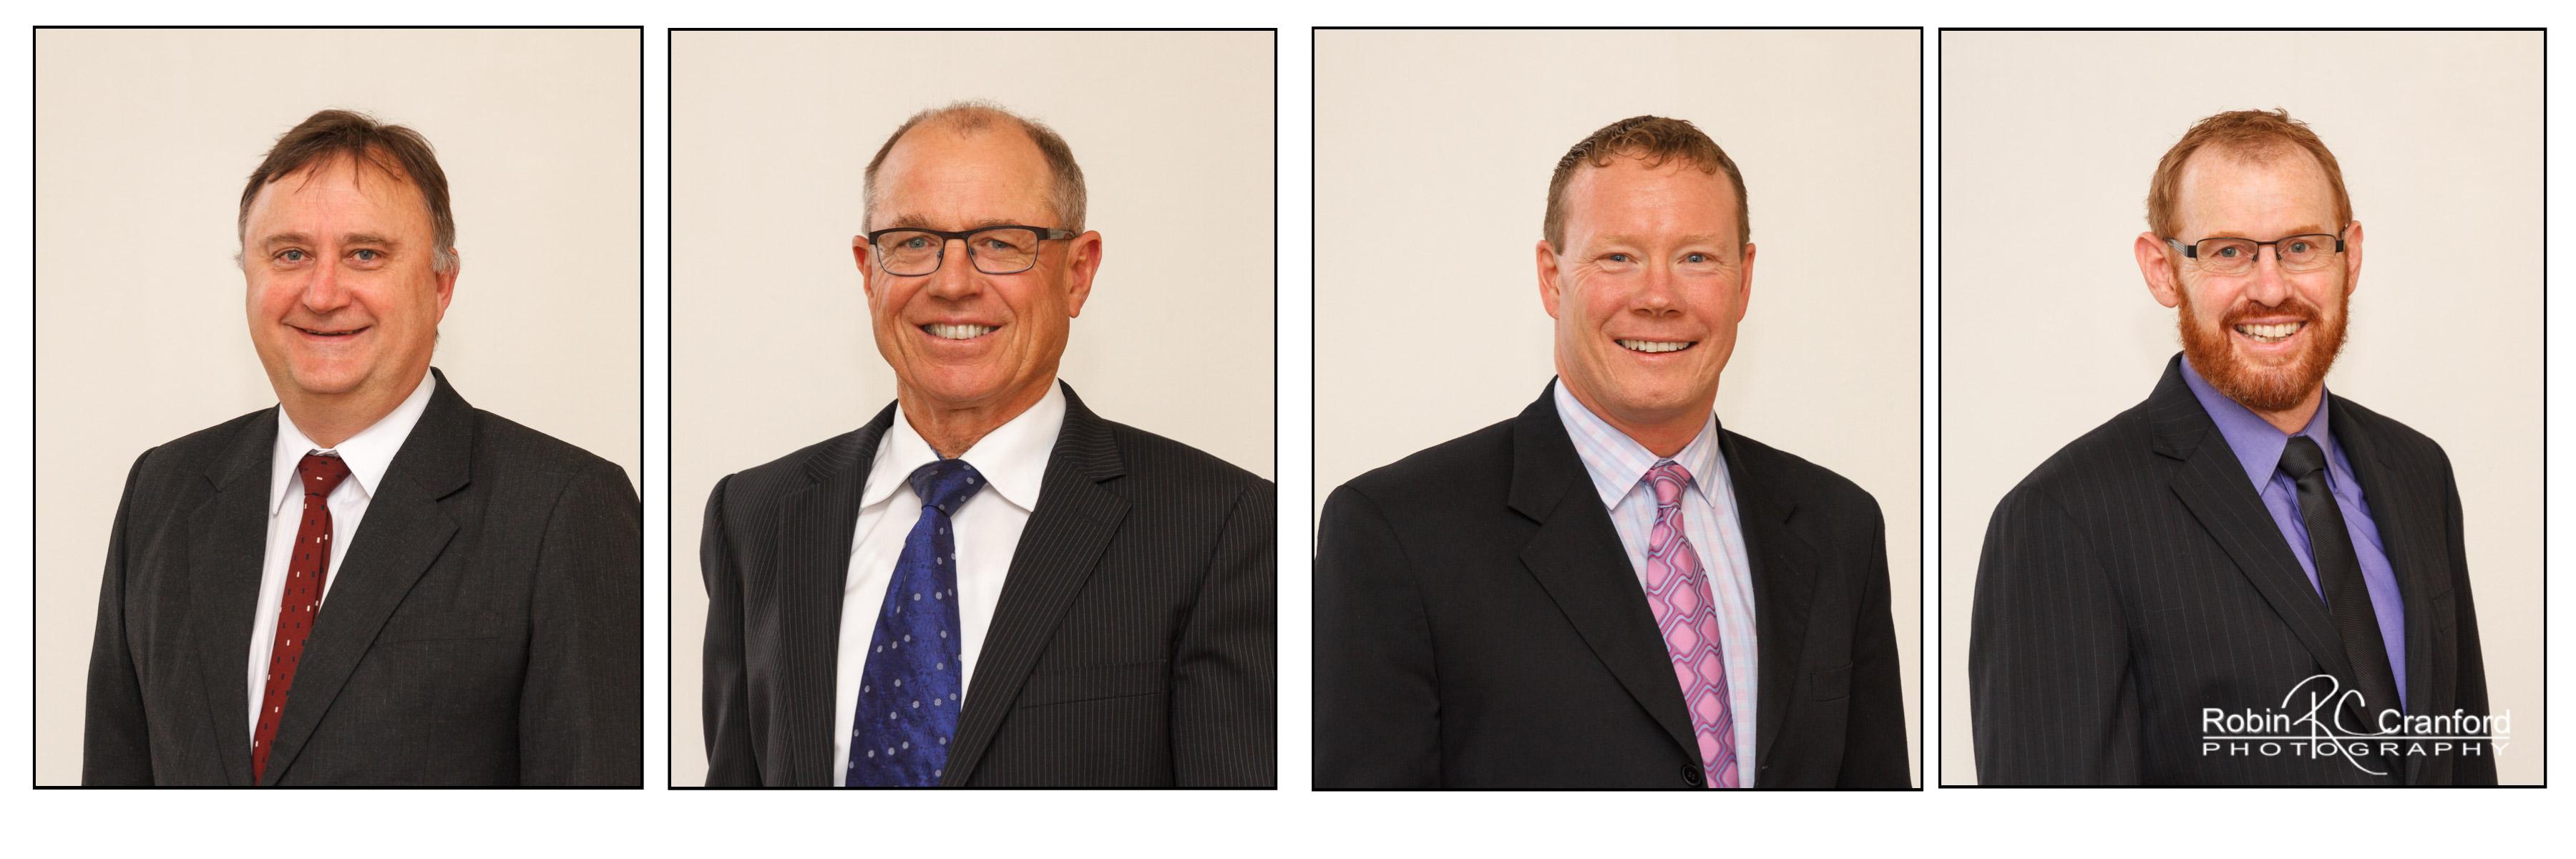 Corporate headshots.  Men in suits.